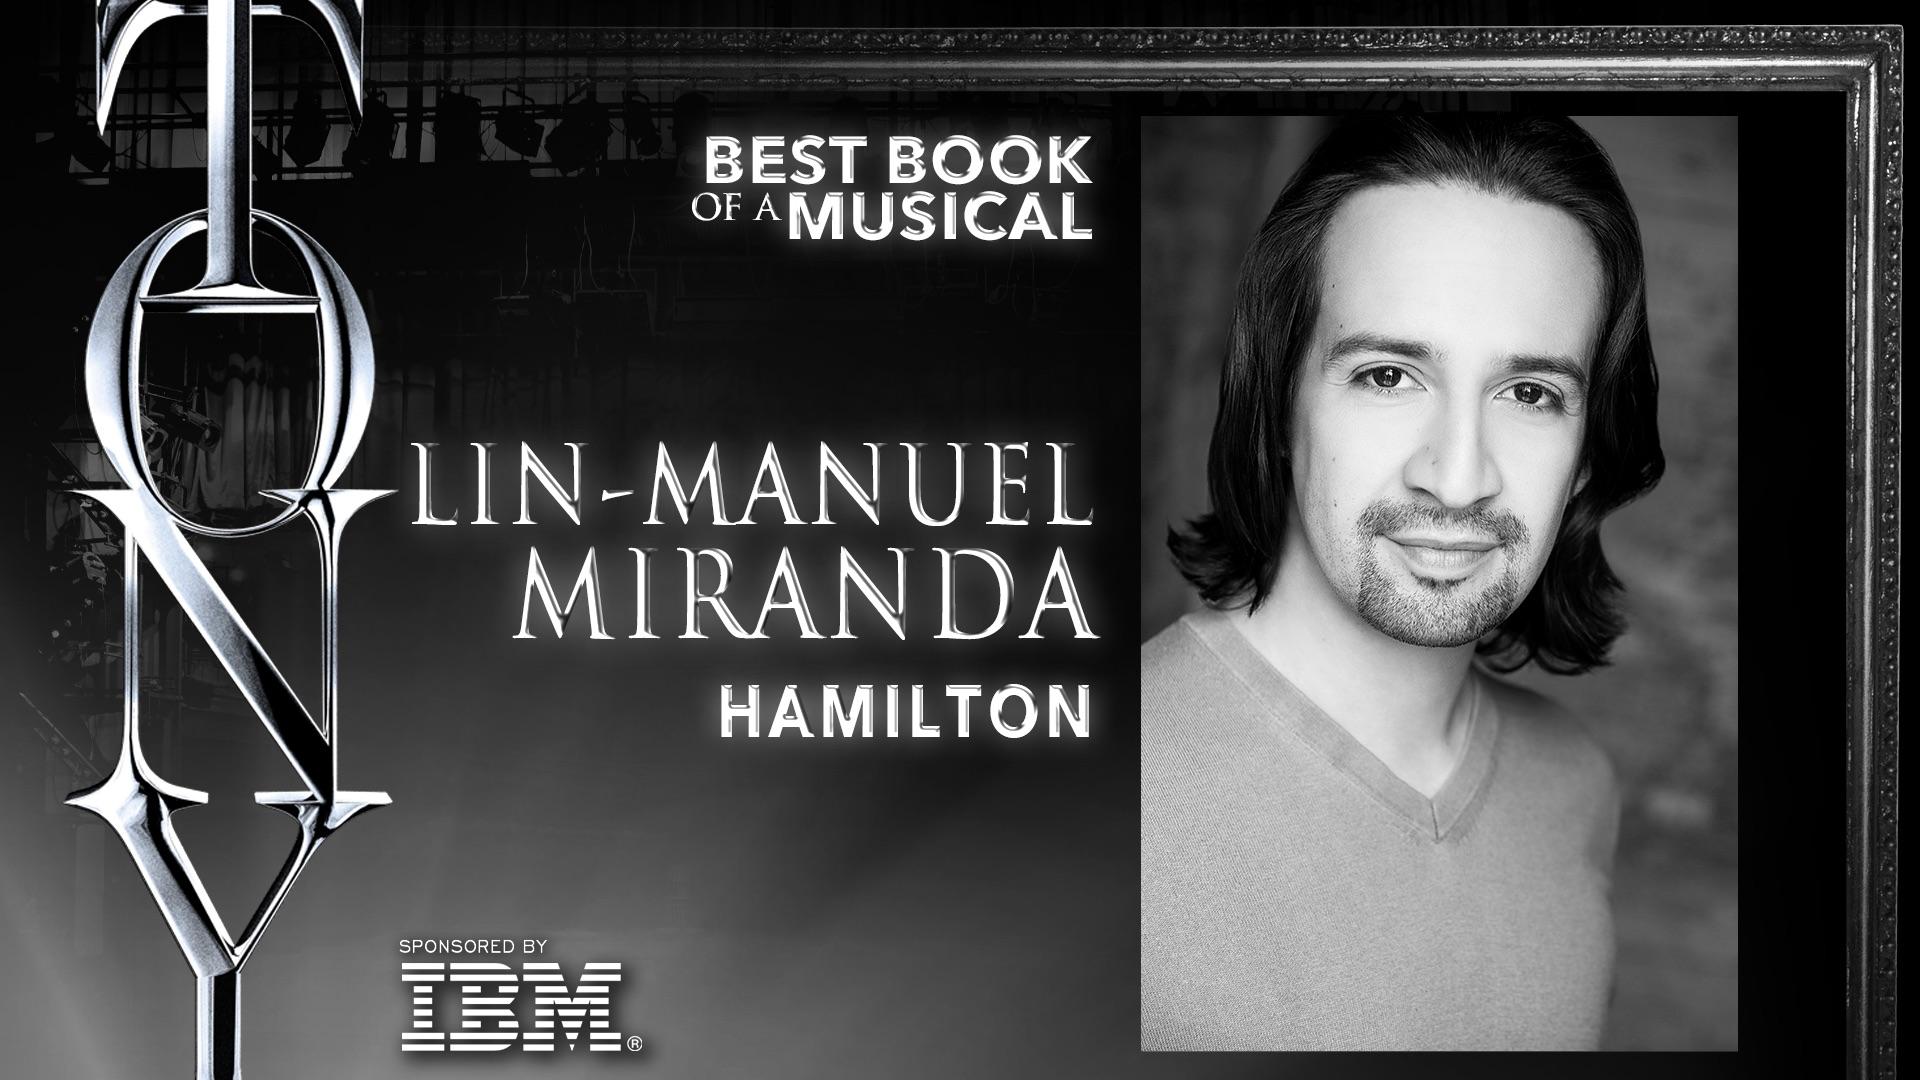 NOM_Book_Musical_1_HAMILTON